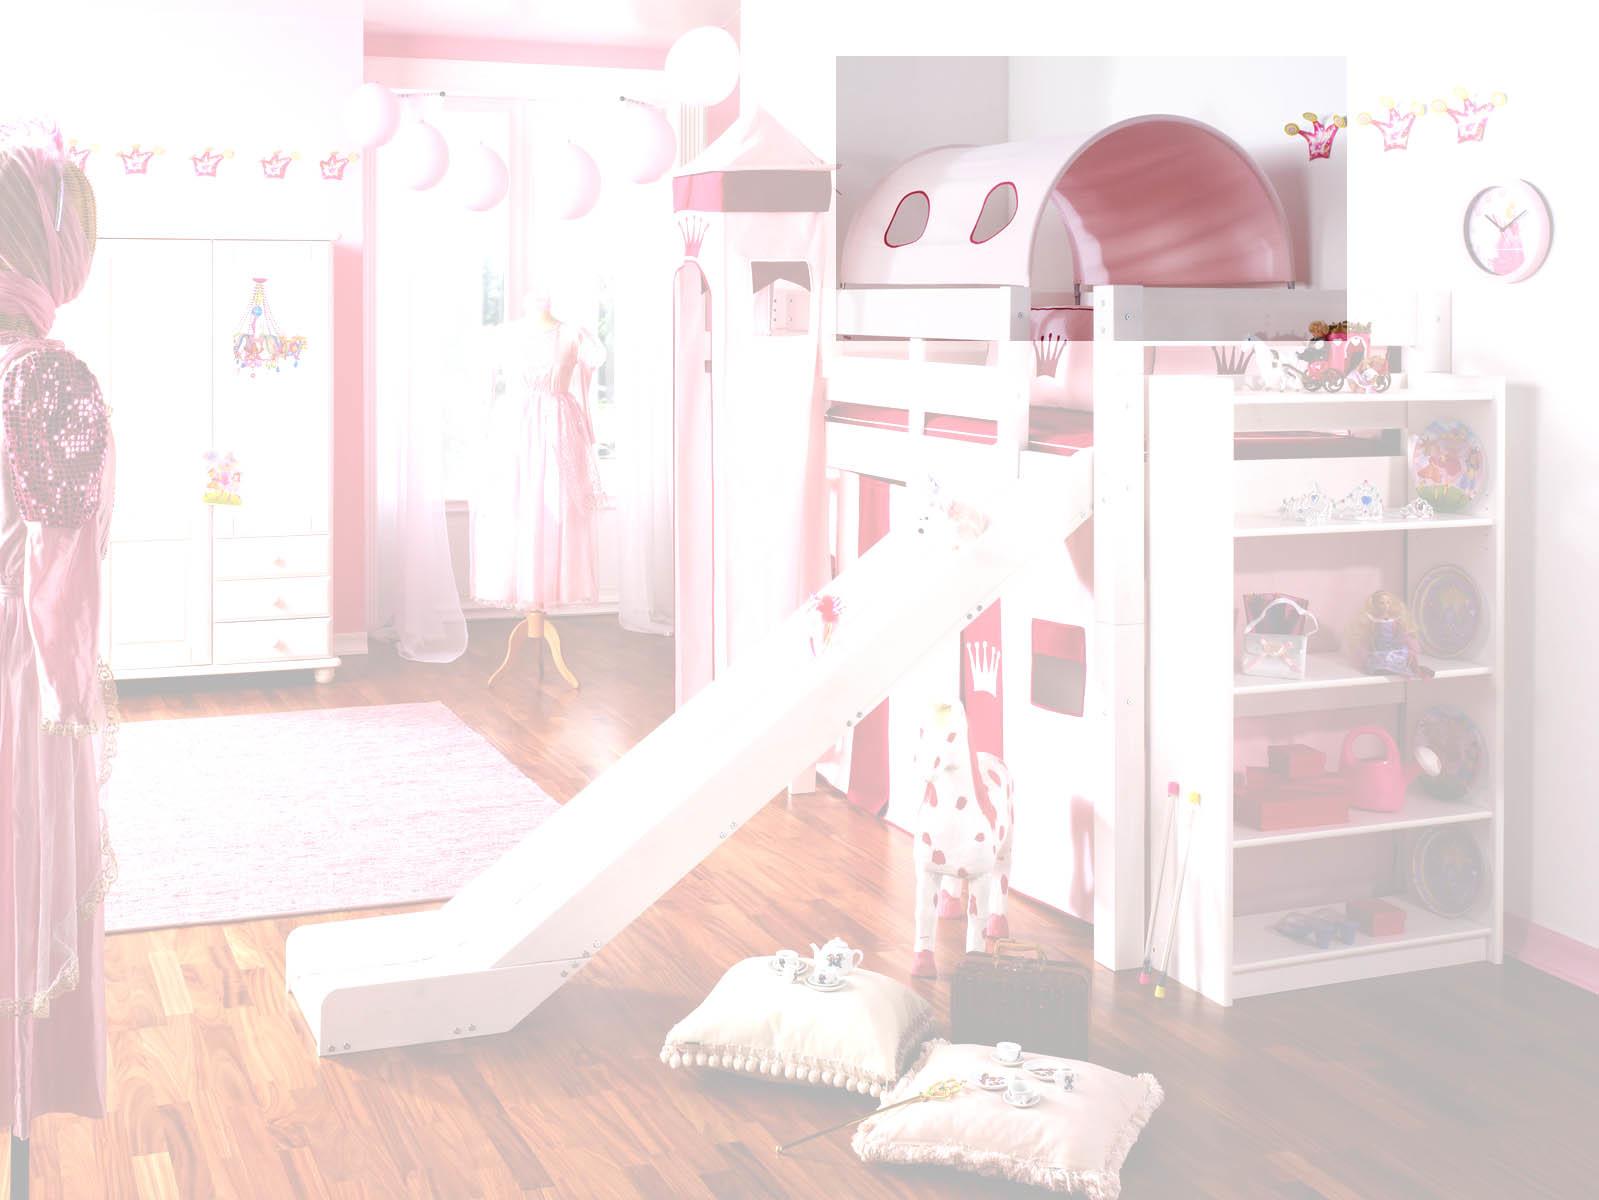 Full Size of Prinzessinen Bett Prinzessinnenbett Hochbett Mit Turm Günstig Betten Kaufen Ohne Füße Barock 200x200 Komforthöhe Modern Design Minion Ausklappbares Bett Prinzessinen Bett